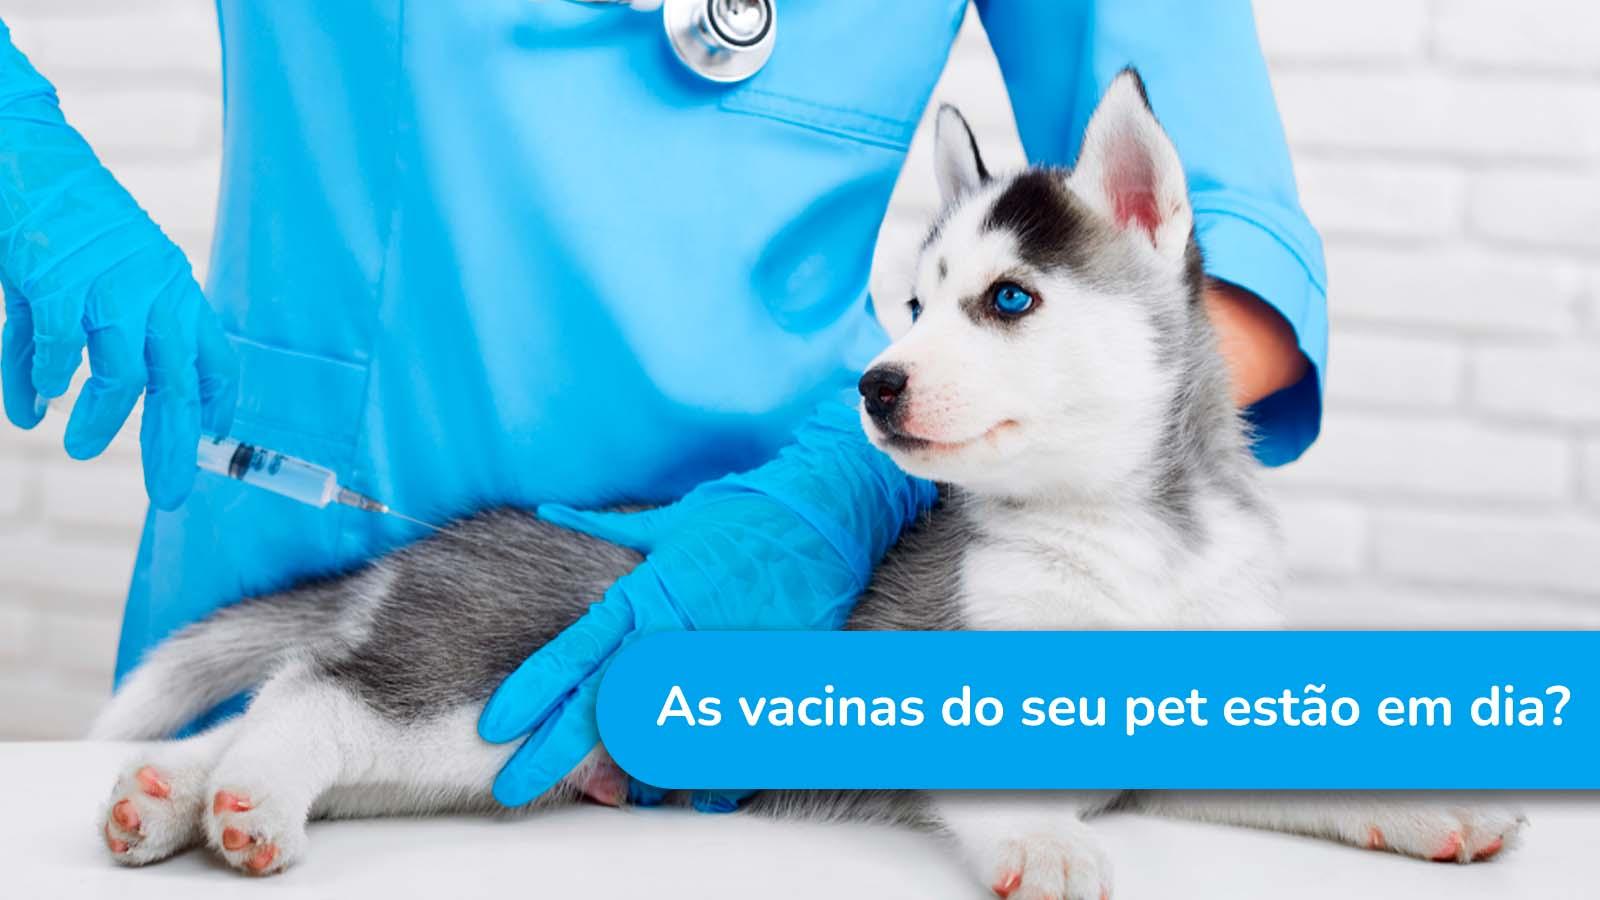 As vacinas do seu pet estão dia?